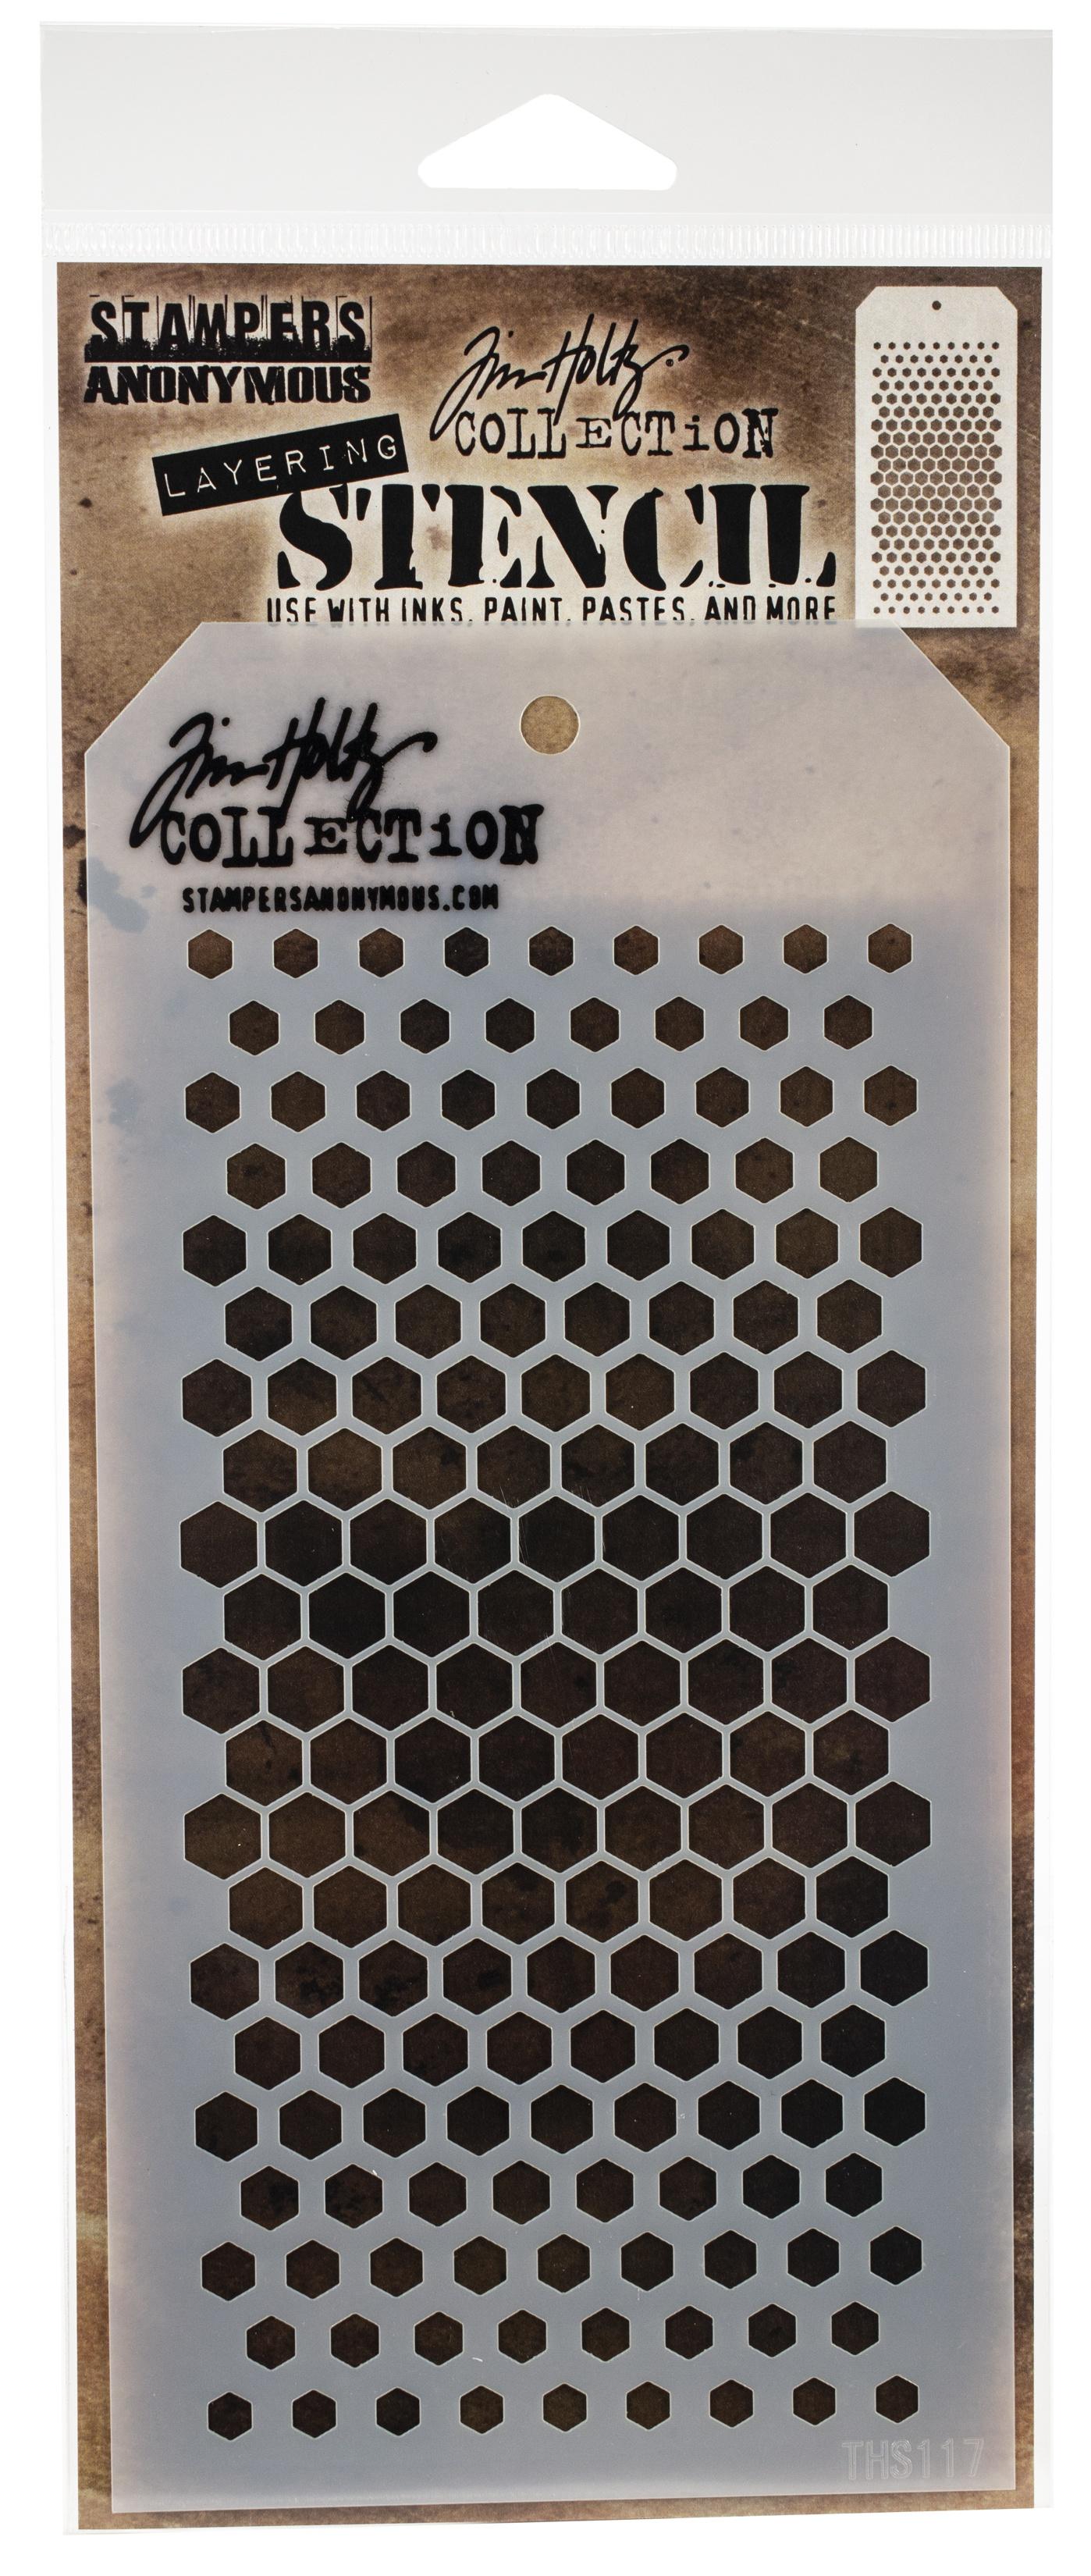 Tim Holtz Layered Stencil 4.125X8.5-Gradient Hex